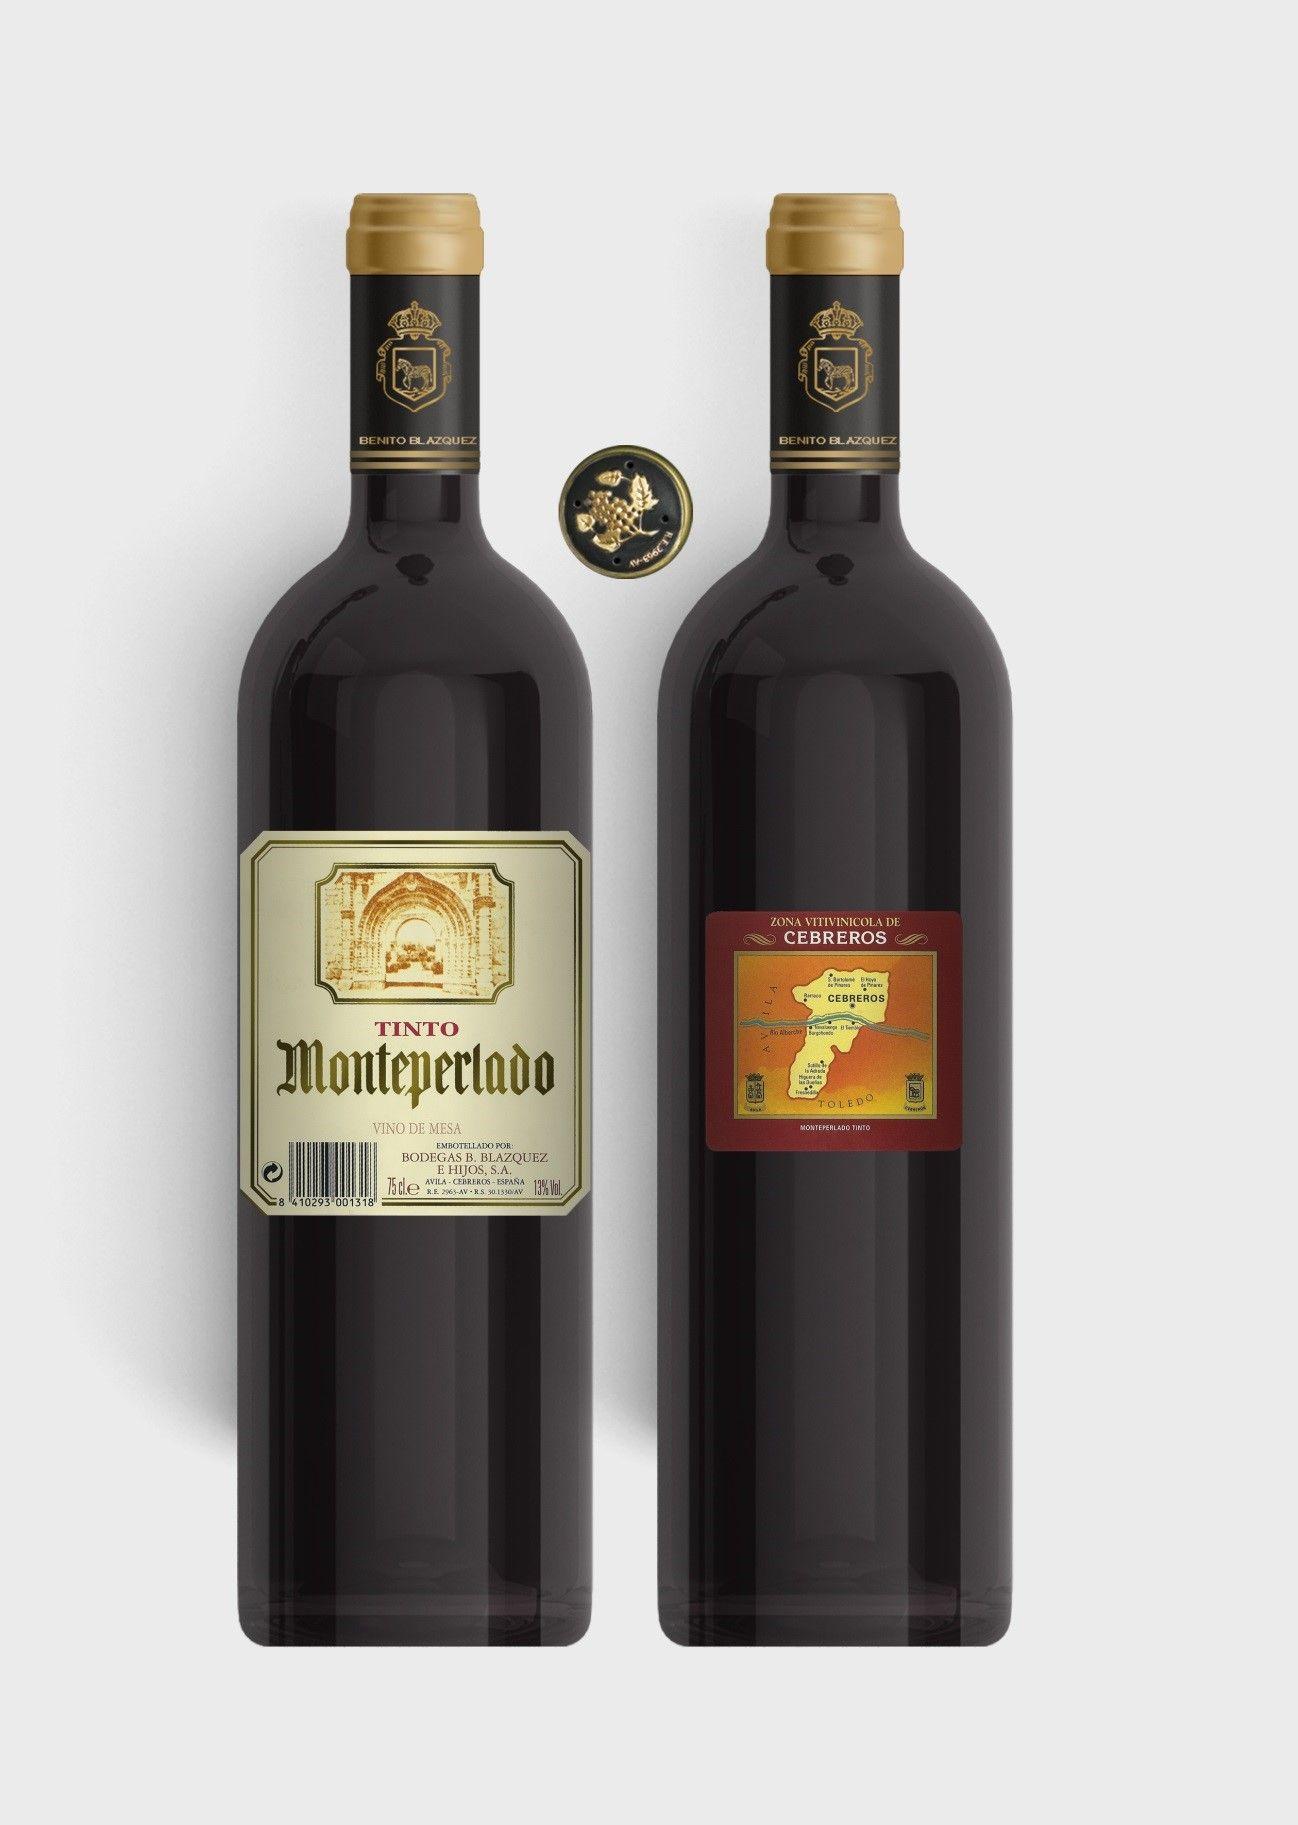 Benito Blázquez - Botella de Vino Tinto Monteperlado